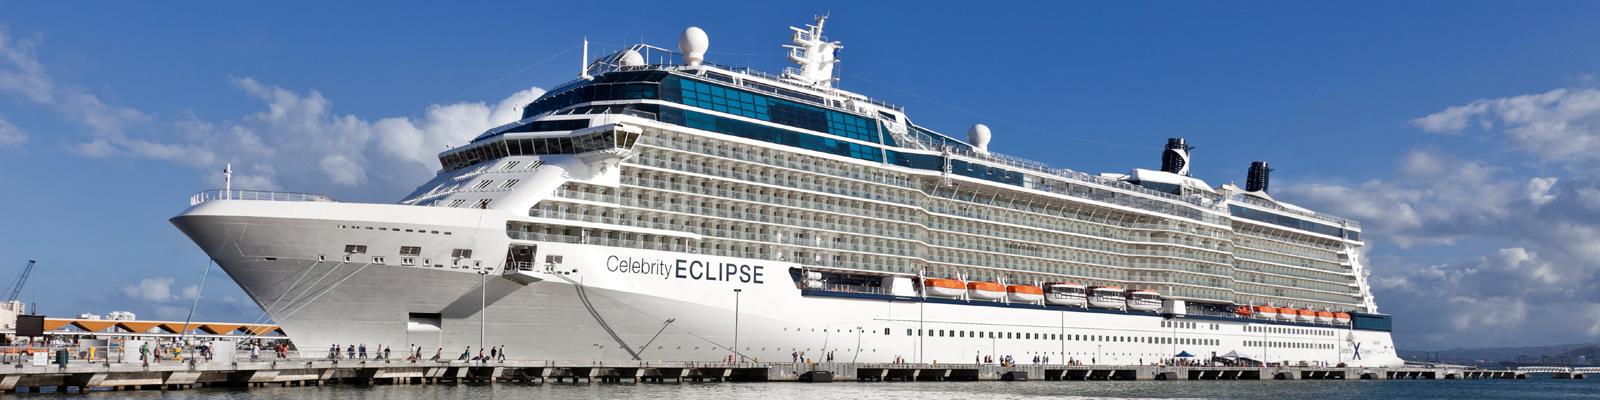 Cruise Ship Cruise Libya